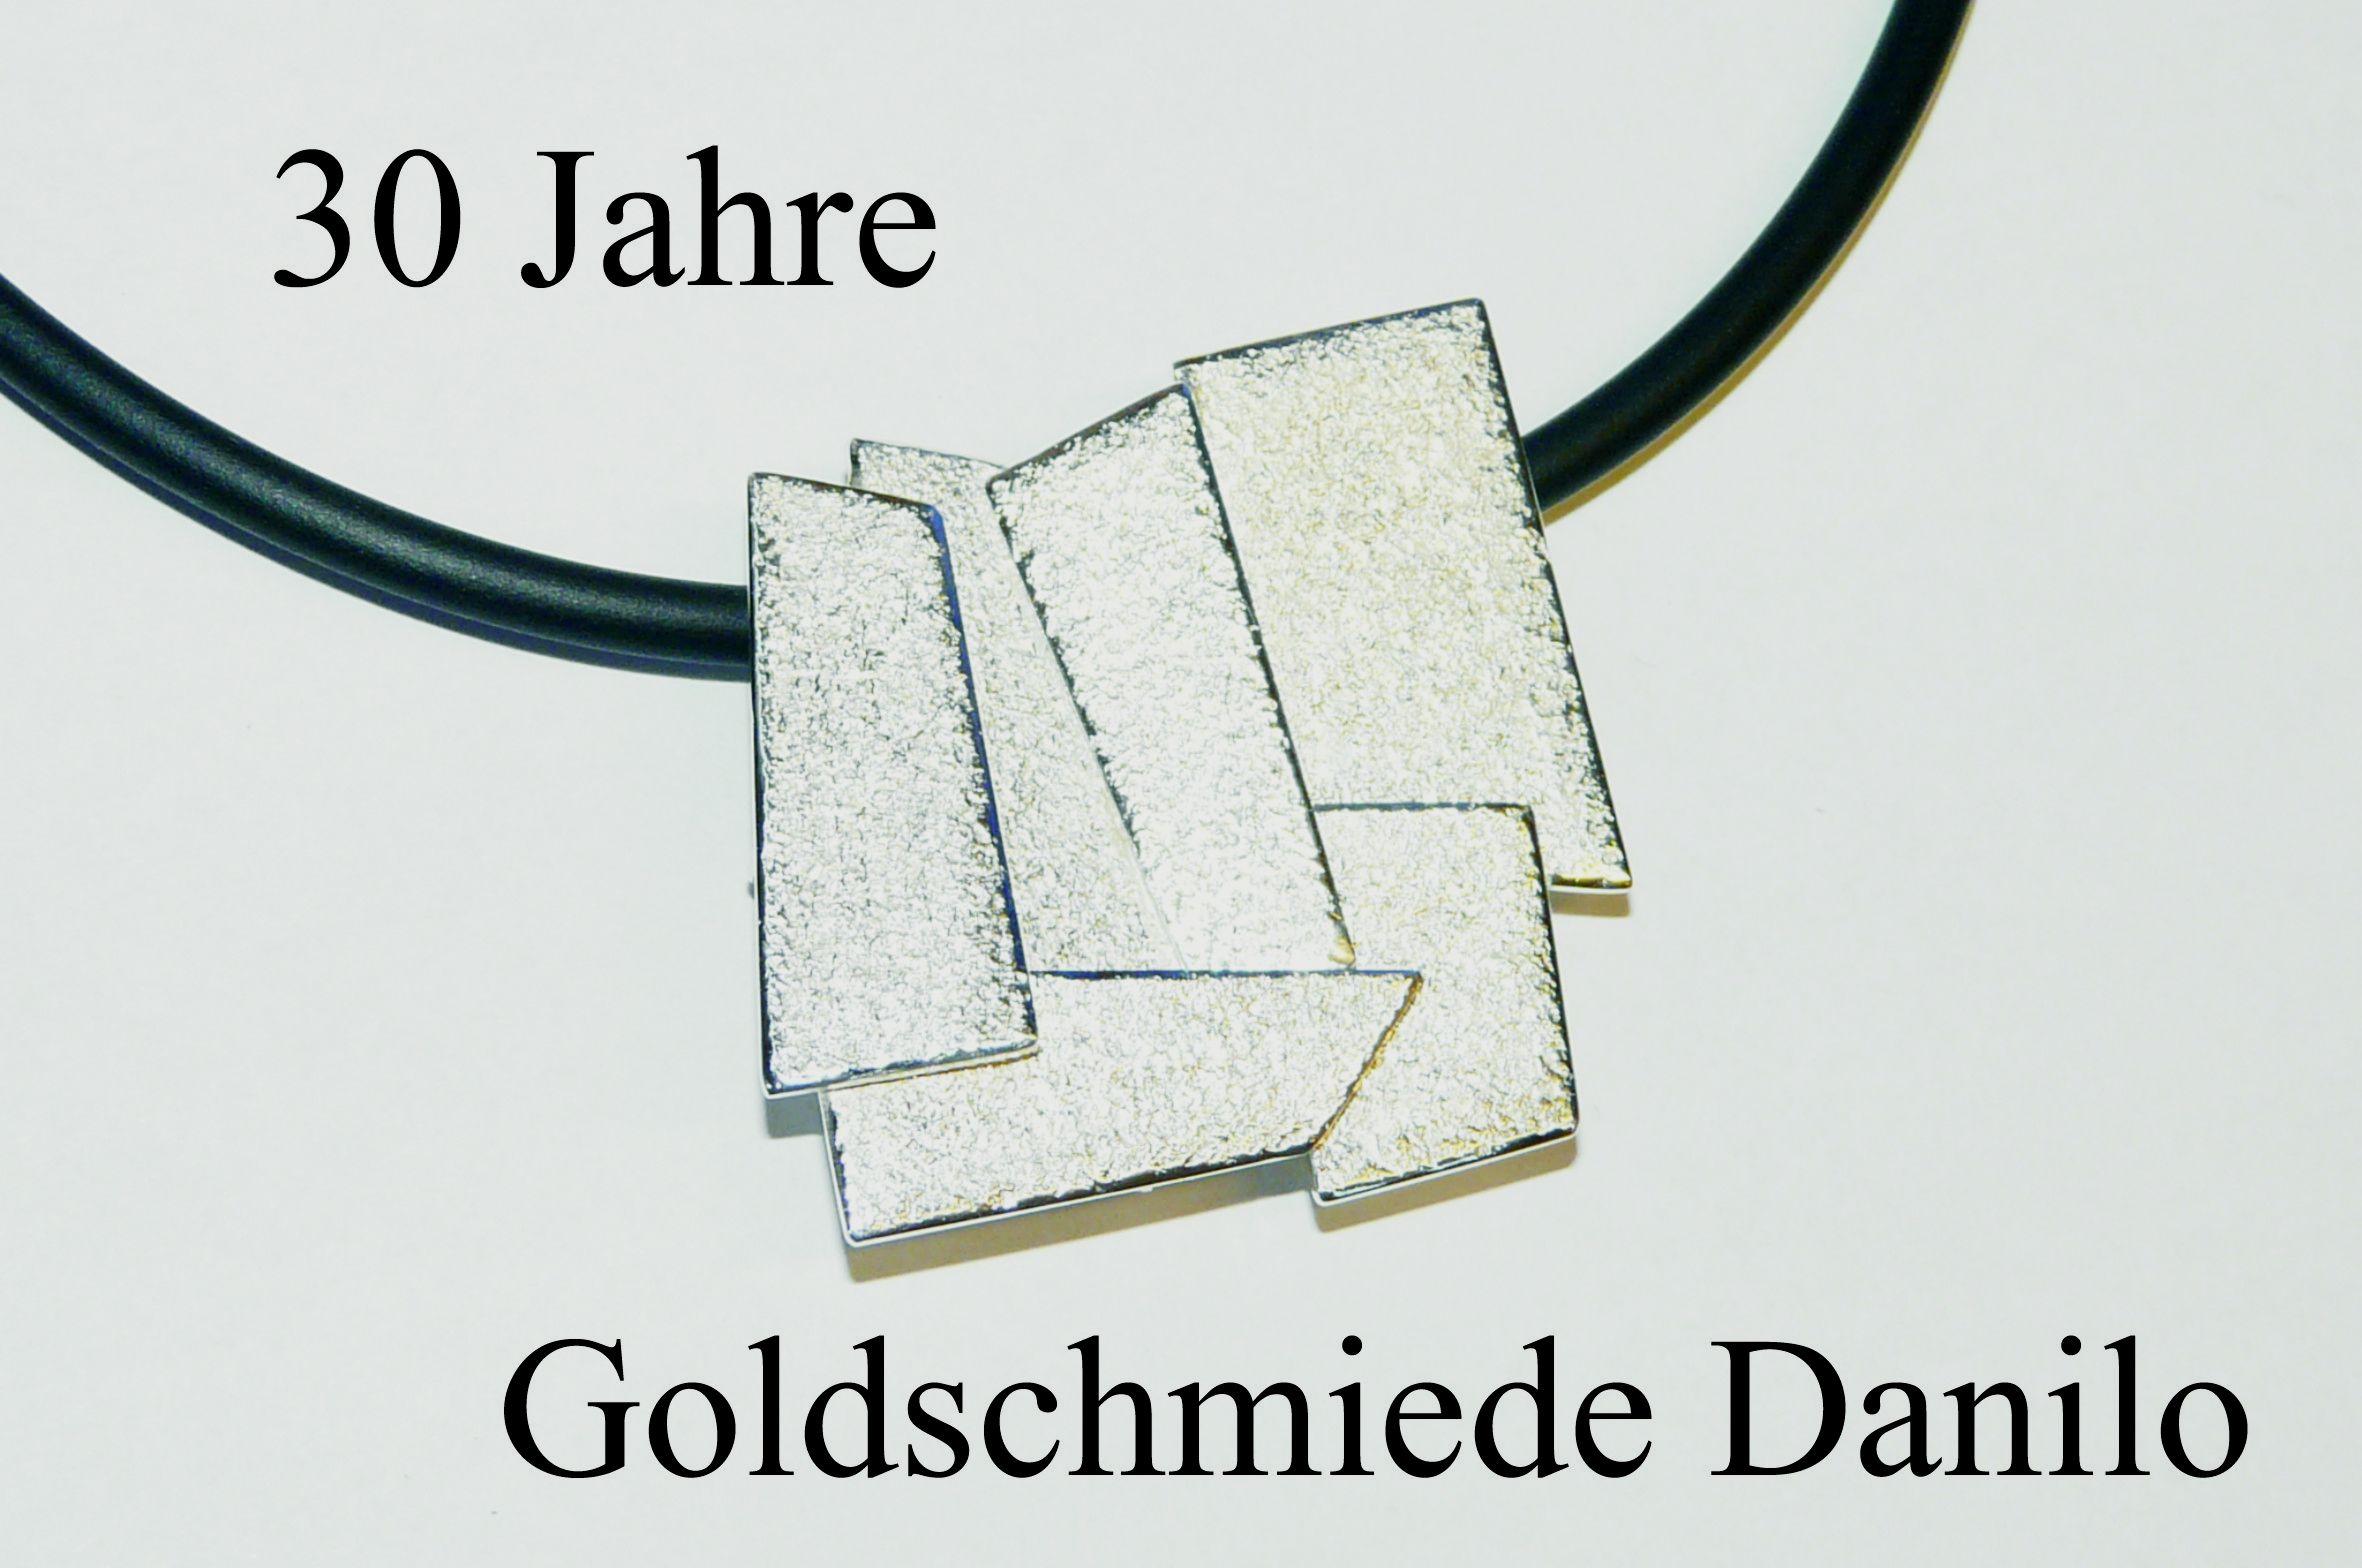 Goldschmiede Danilo